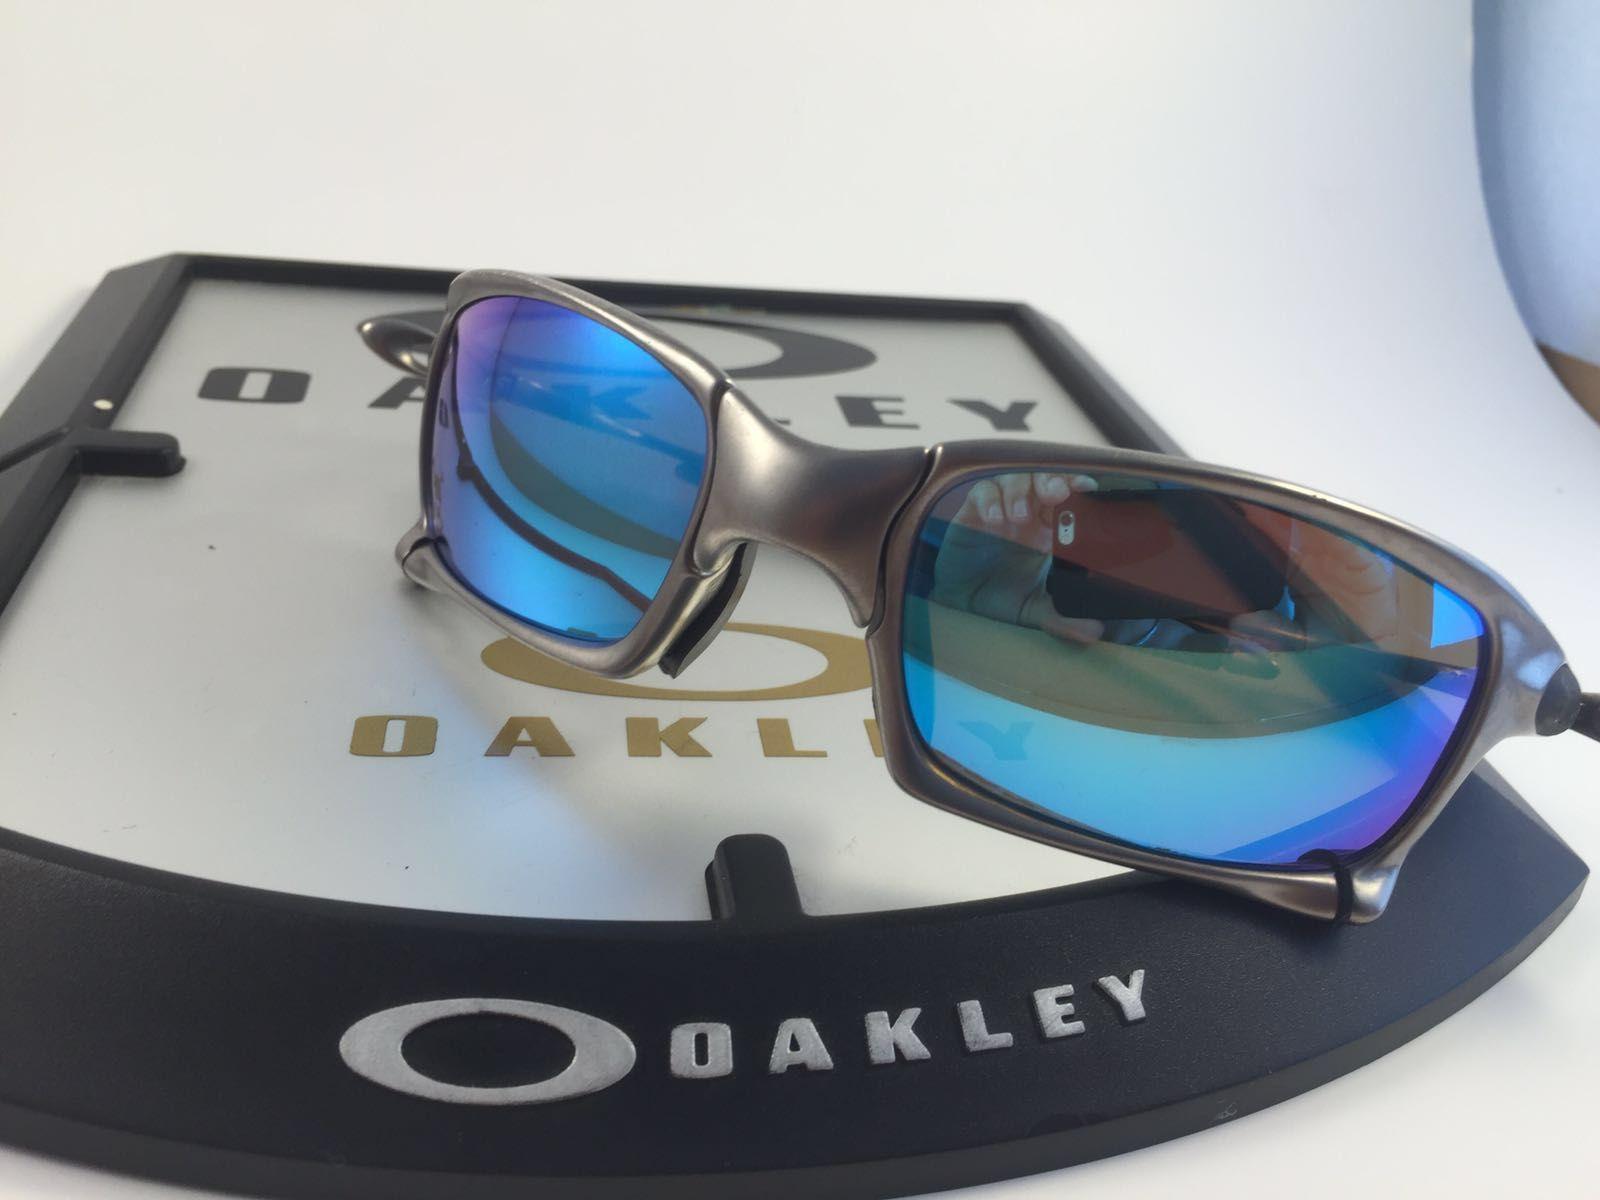 oakley x squared plasma - 33f10f9d-7837-41dc-bdfe-efdd4d33caee.jpeg